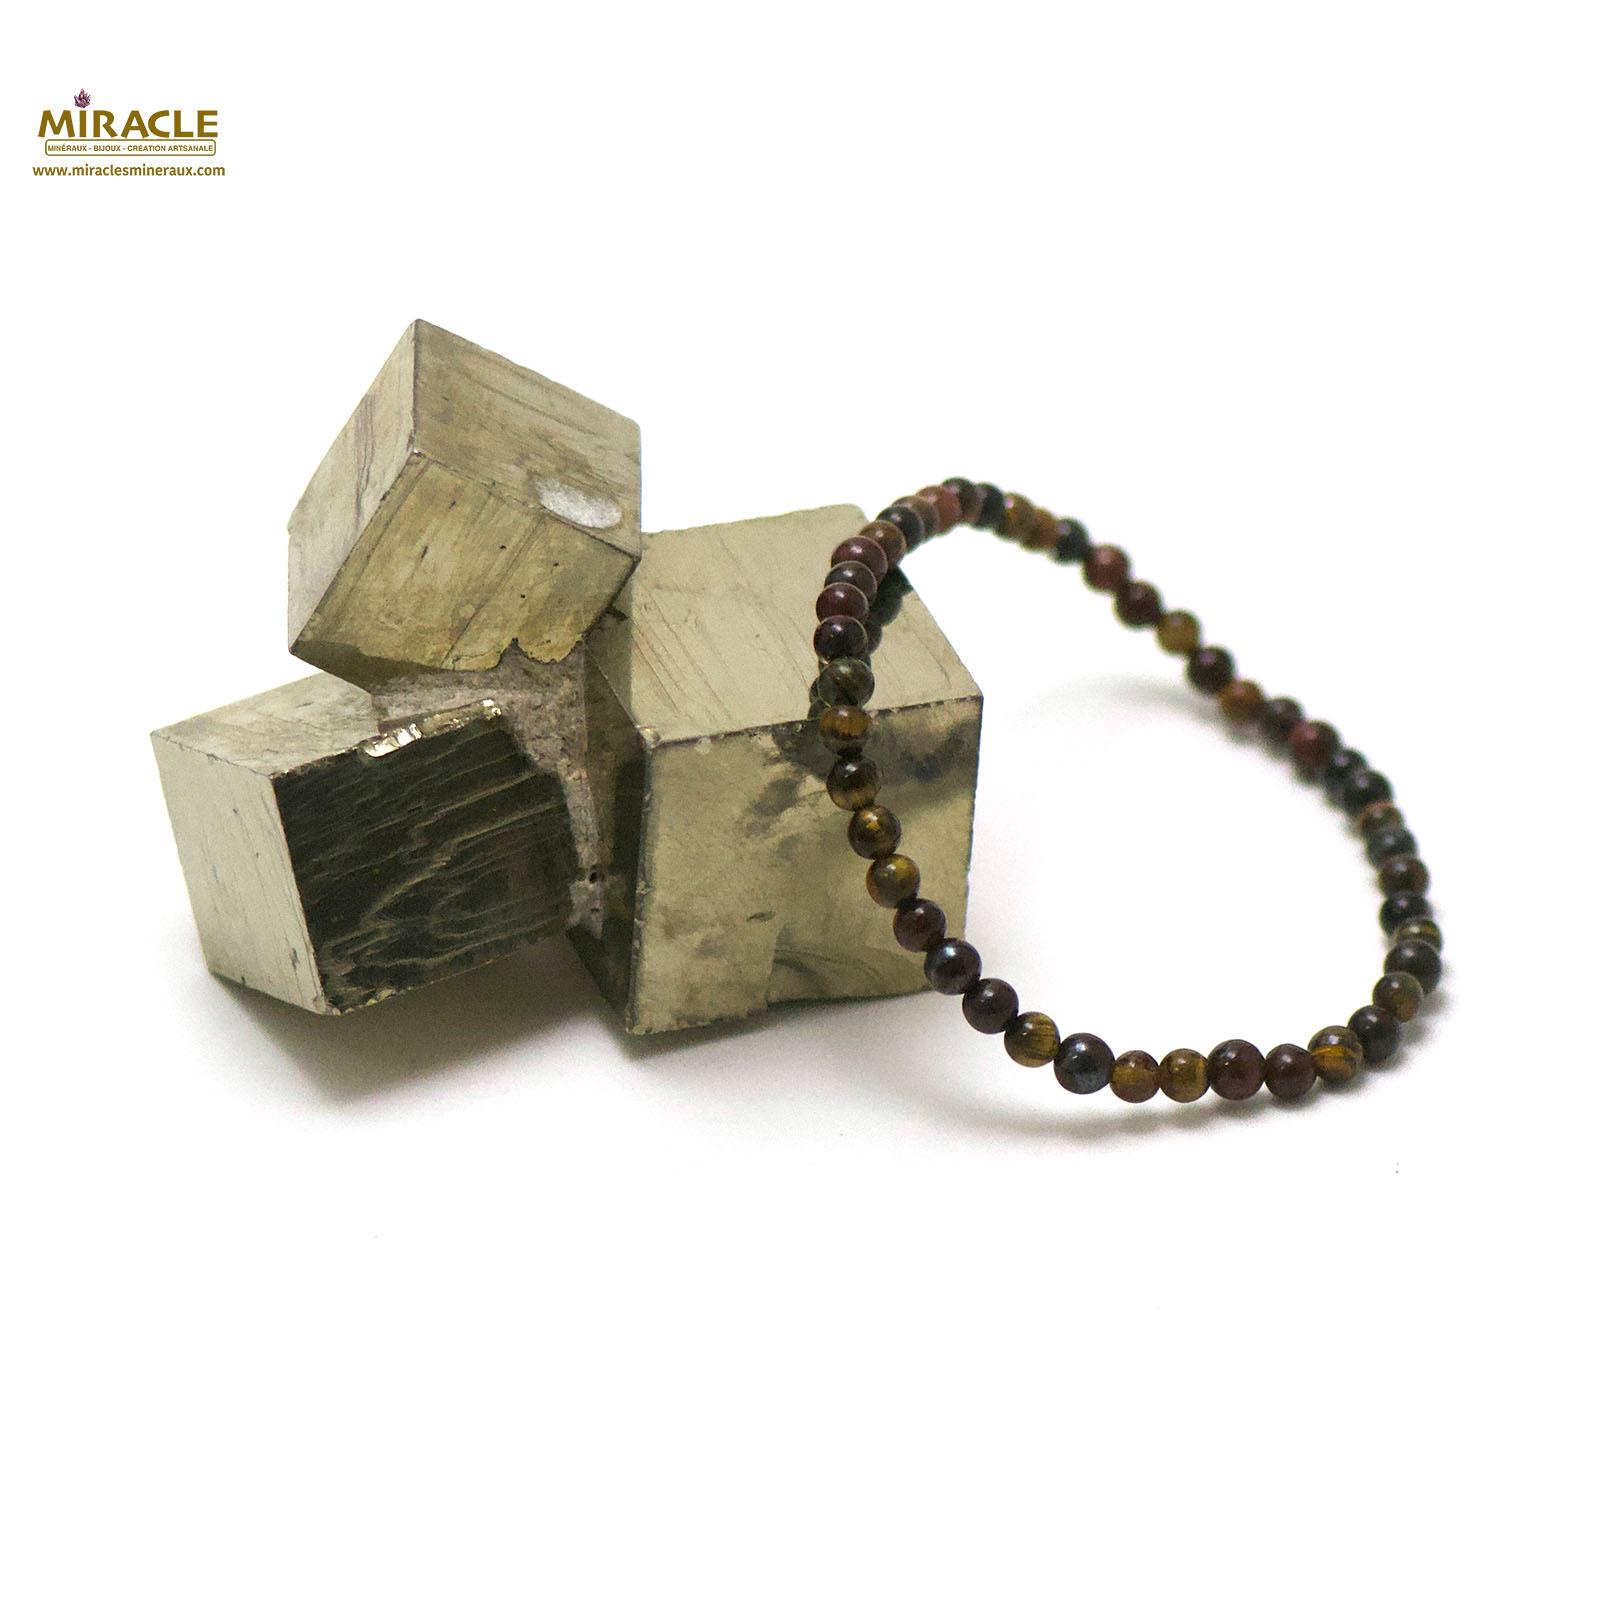 bracelet trois oeil (oeil de tigre/oeil de taureau/oeil de faucon), perle ronde 4 mm